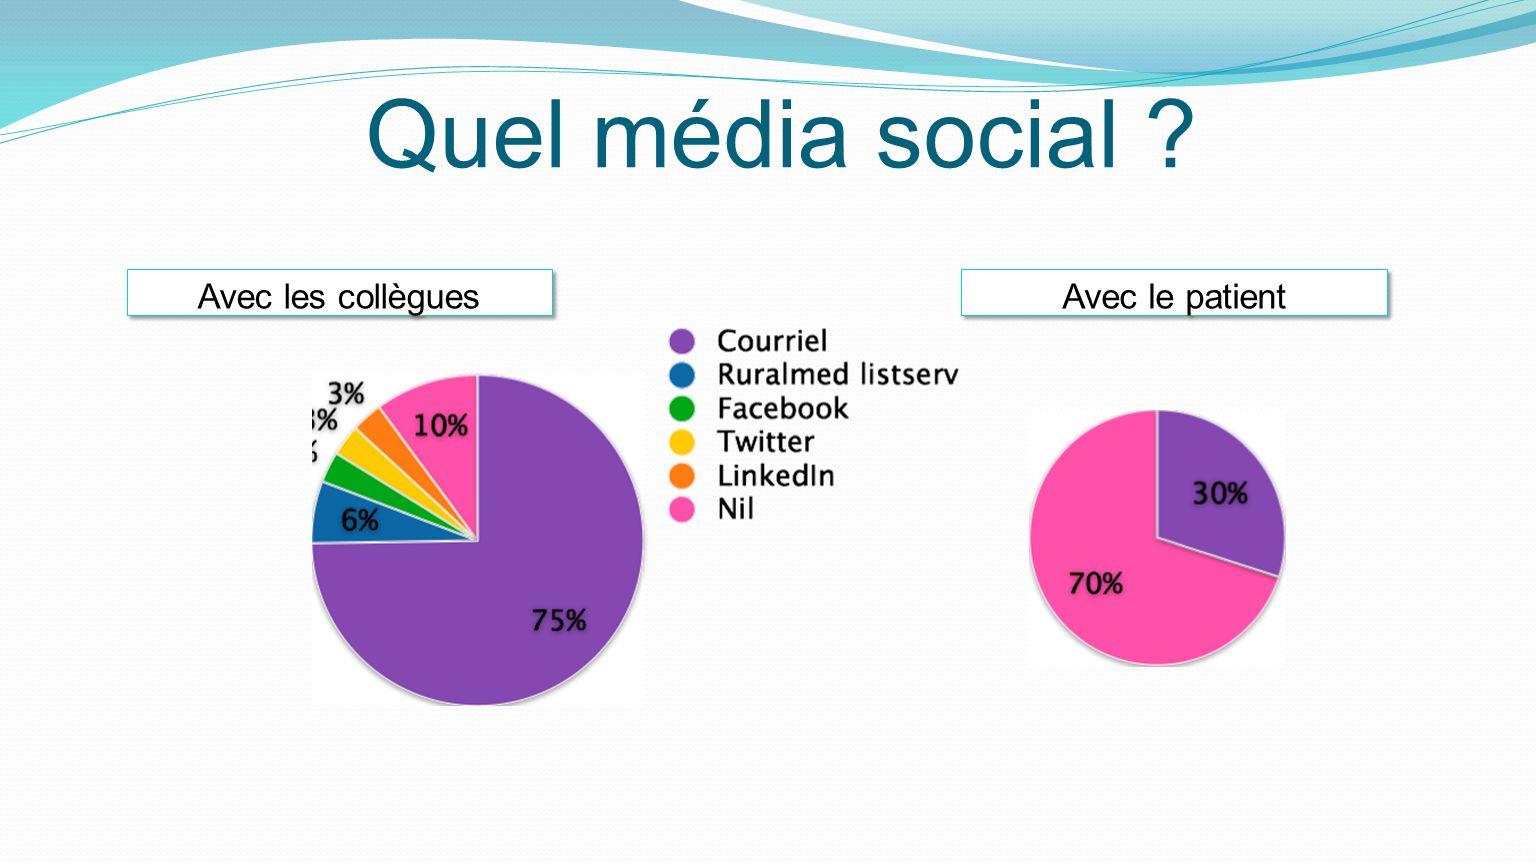 Quel média social Avec les collègues Avec le patient